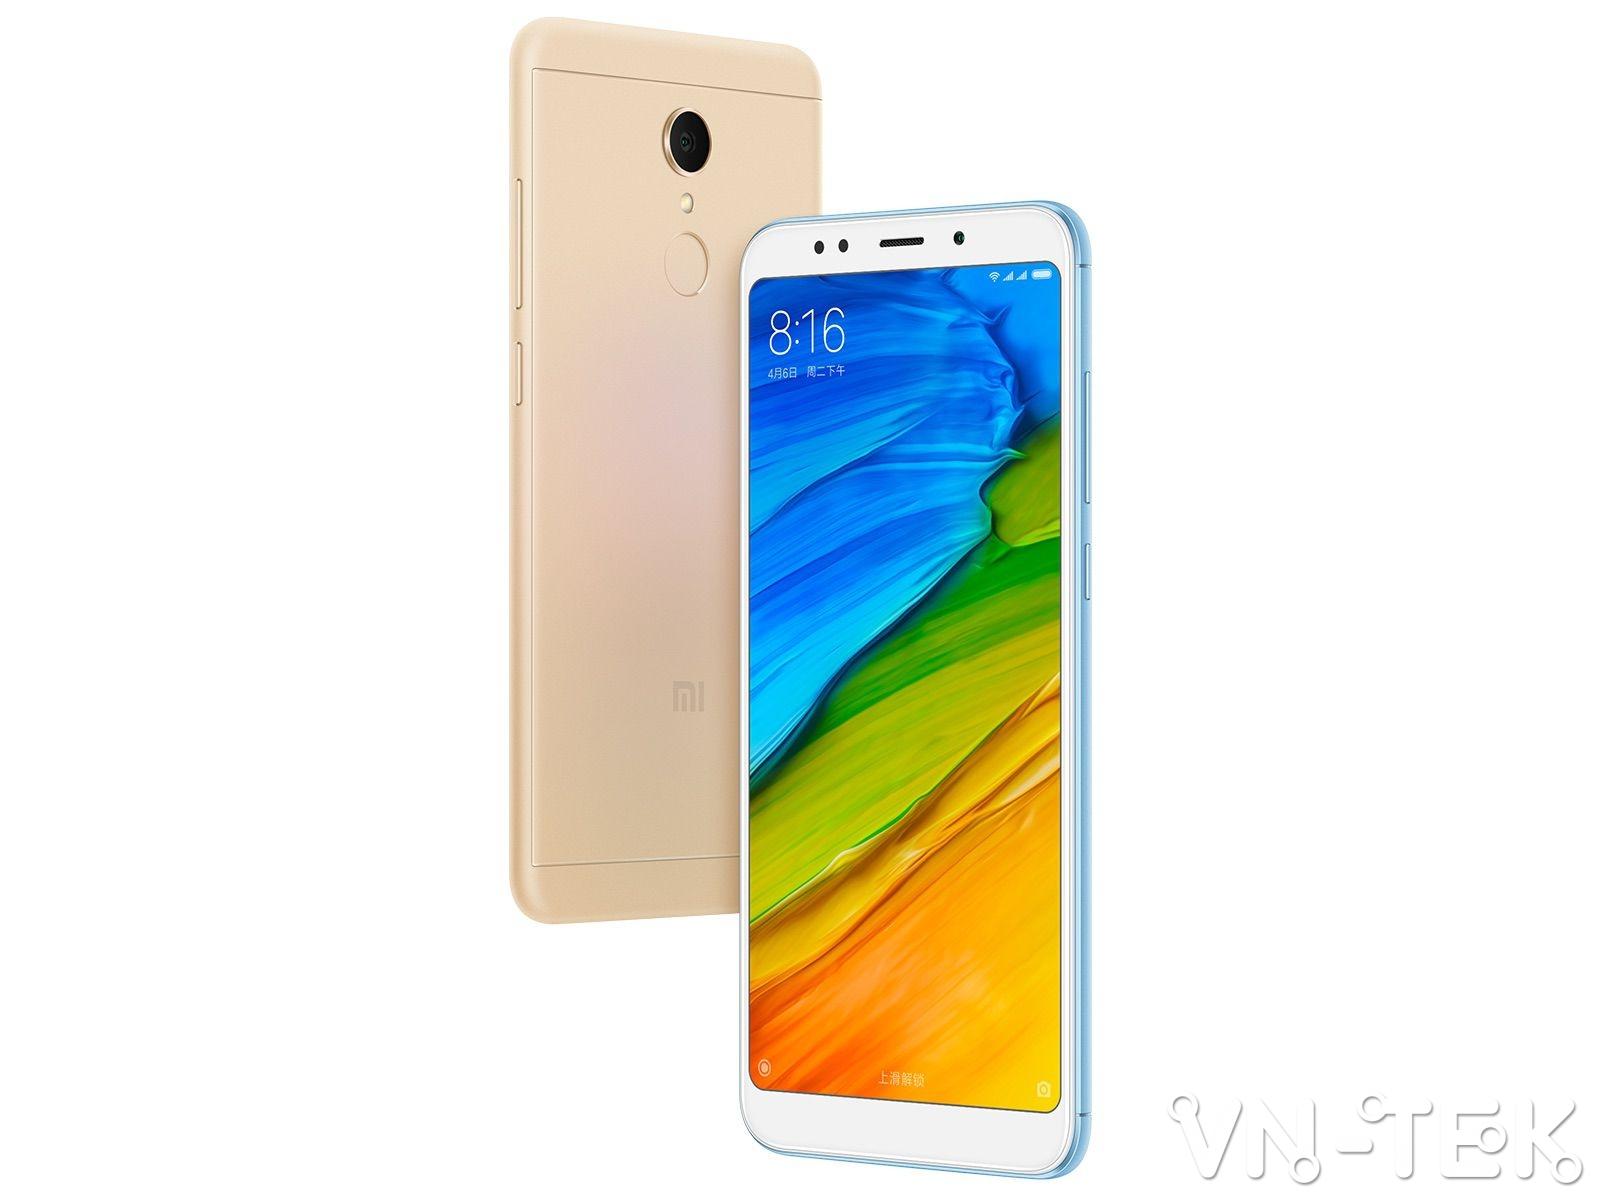 xiaomi redmi 5 plus 2 - Xiaomi Redmi 5 Plus màn hình 18:9 viền mỏng ra mắt, giá từ 120 USD